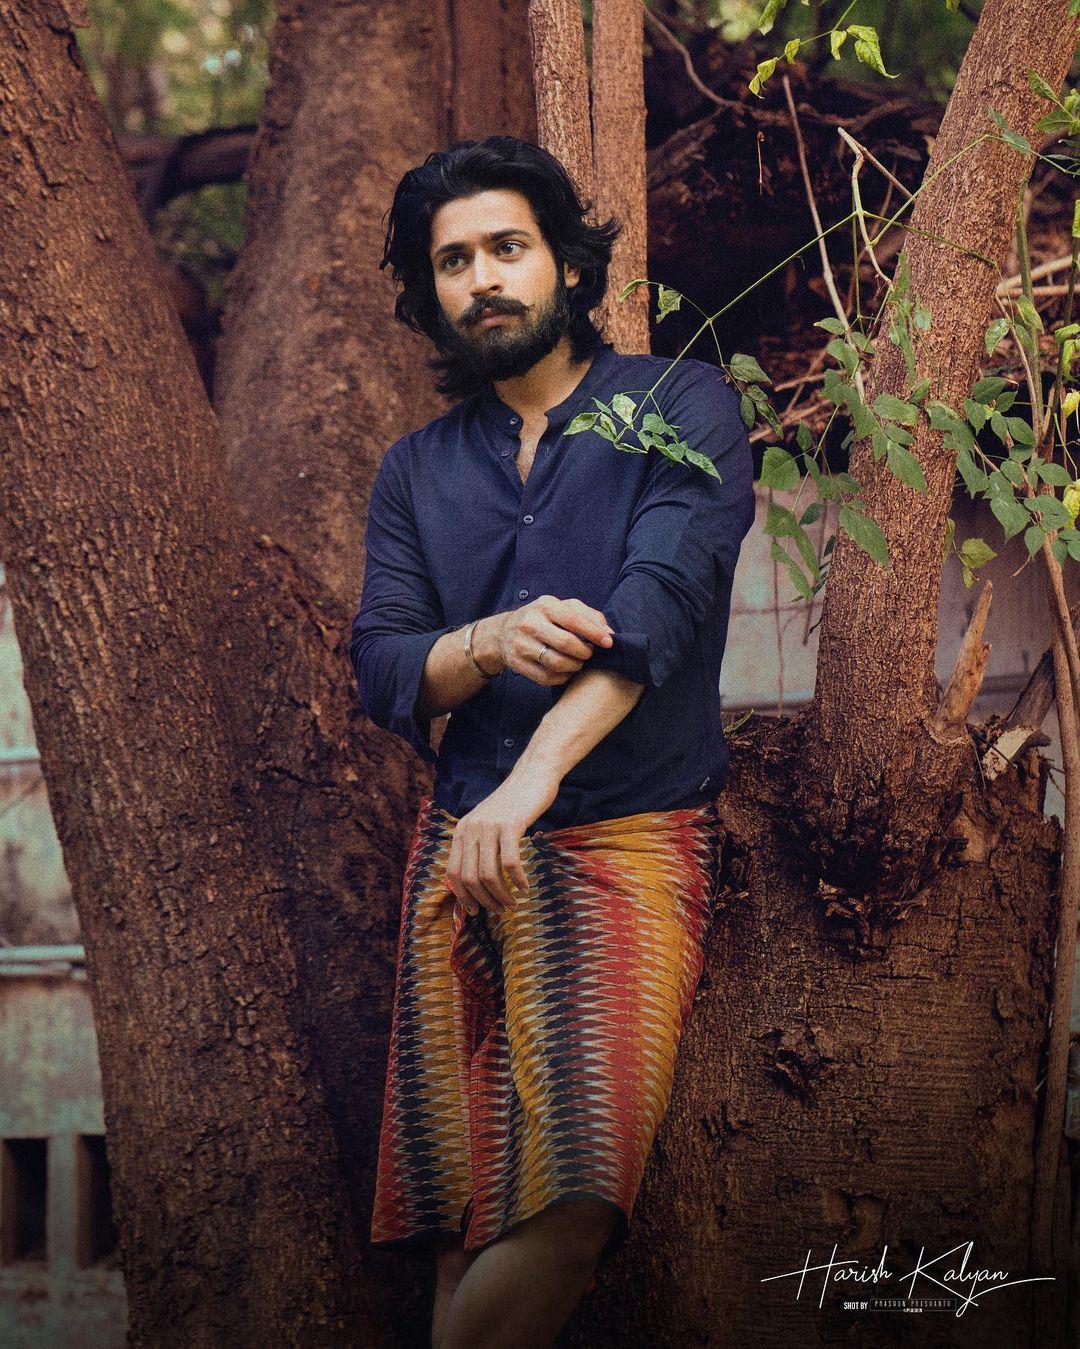 Tamil Actor Harish Kalyan Photos (3)